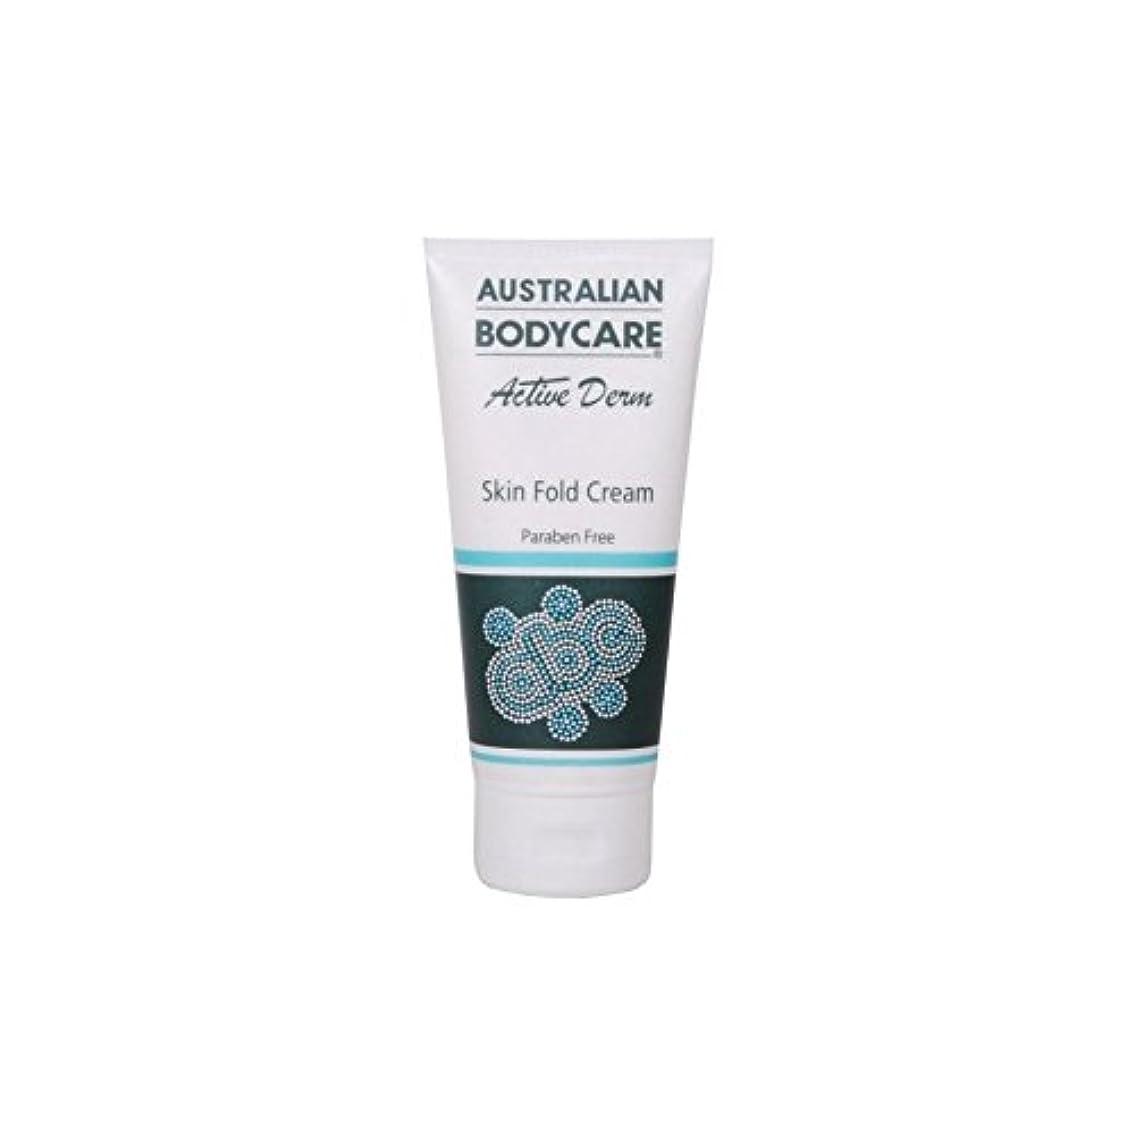 前者宝石雑種Australian Bodycare Active Derm Skin Fold Cream (100ml) (Pack of 6) - オーストラリアのボディケアアクティブダーム皮膚のひだクリーム(100ミリリットル...